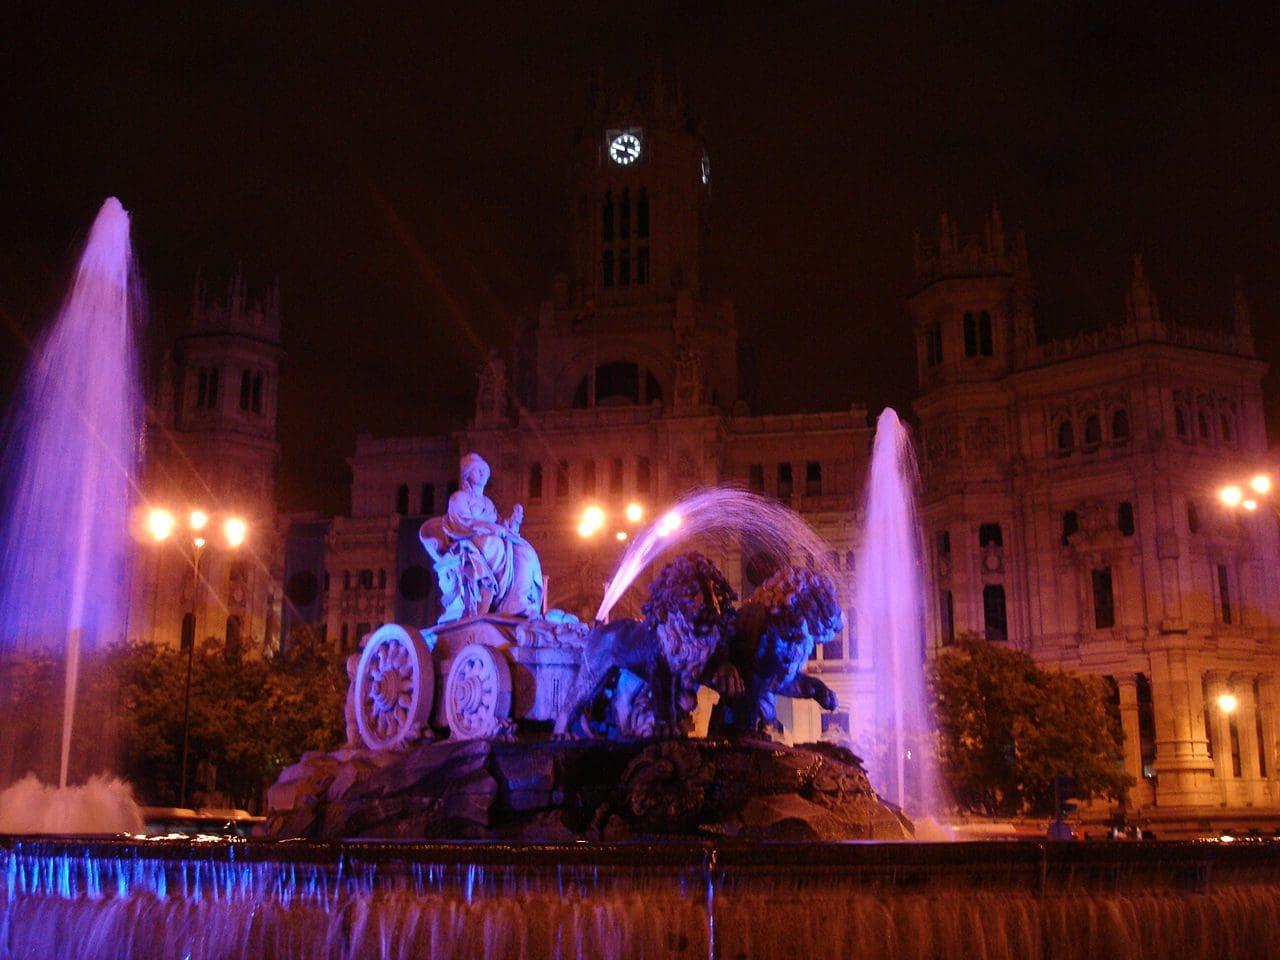 atracciones en madrid,lugares turisticos de madrid gratis,guia turistica gratis de madrid,consejos para turistas en madrid,viajar a madrid,tips para turistas en madrid,lugares de interes turistico en madrid,Turismo en Madrid informaciòn ùtil,mejores lugares turisticos en Madrid,sitios que ver en Madrid,turismo en Madrid,lugares turisticos en Madrid,atractivos turisticos en Madrid,visitar Madrid,vacaciones en Madrid